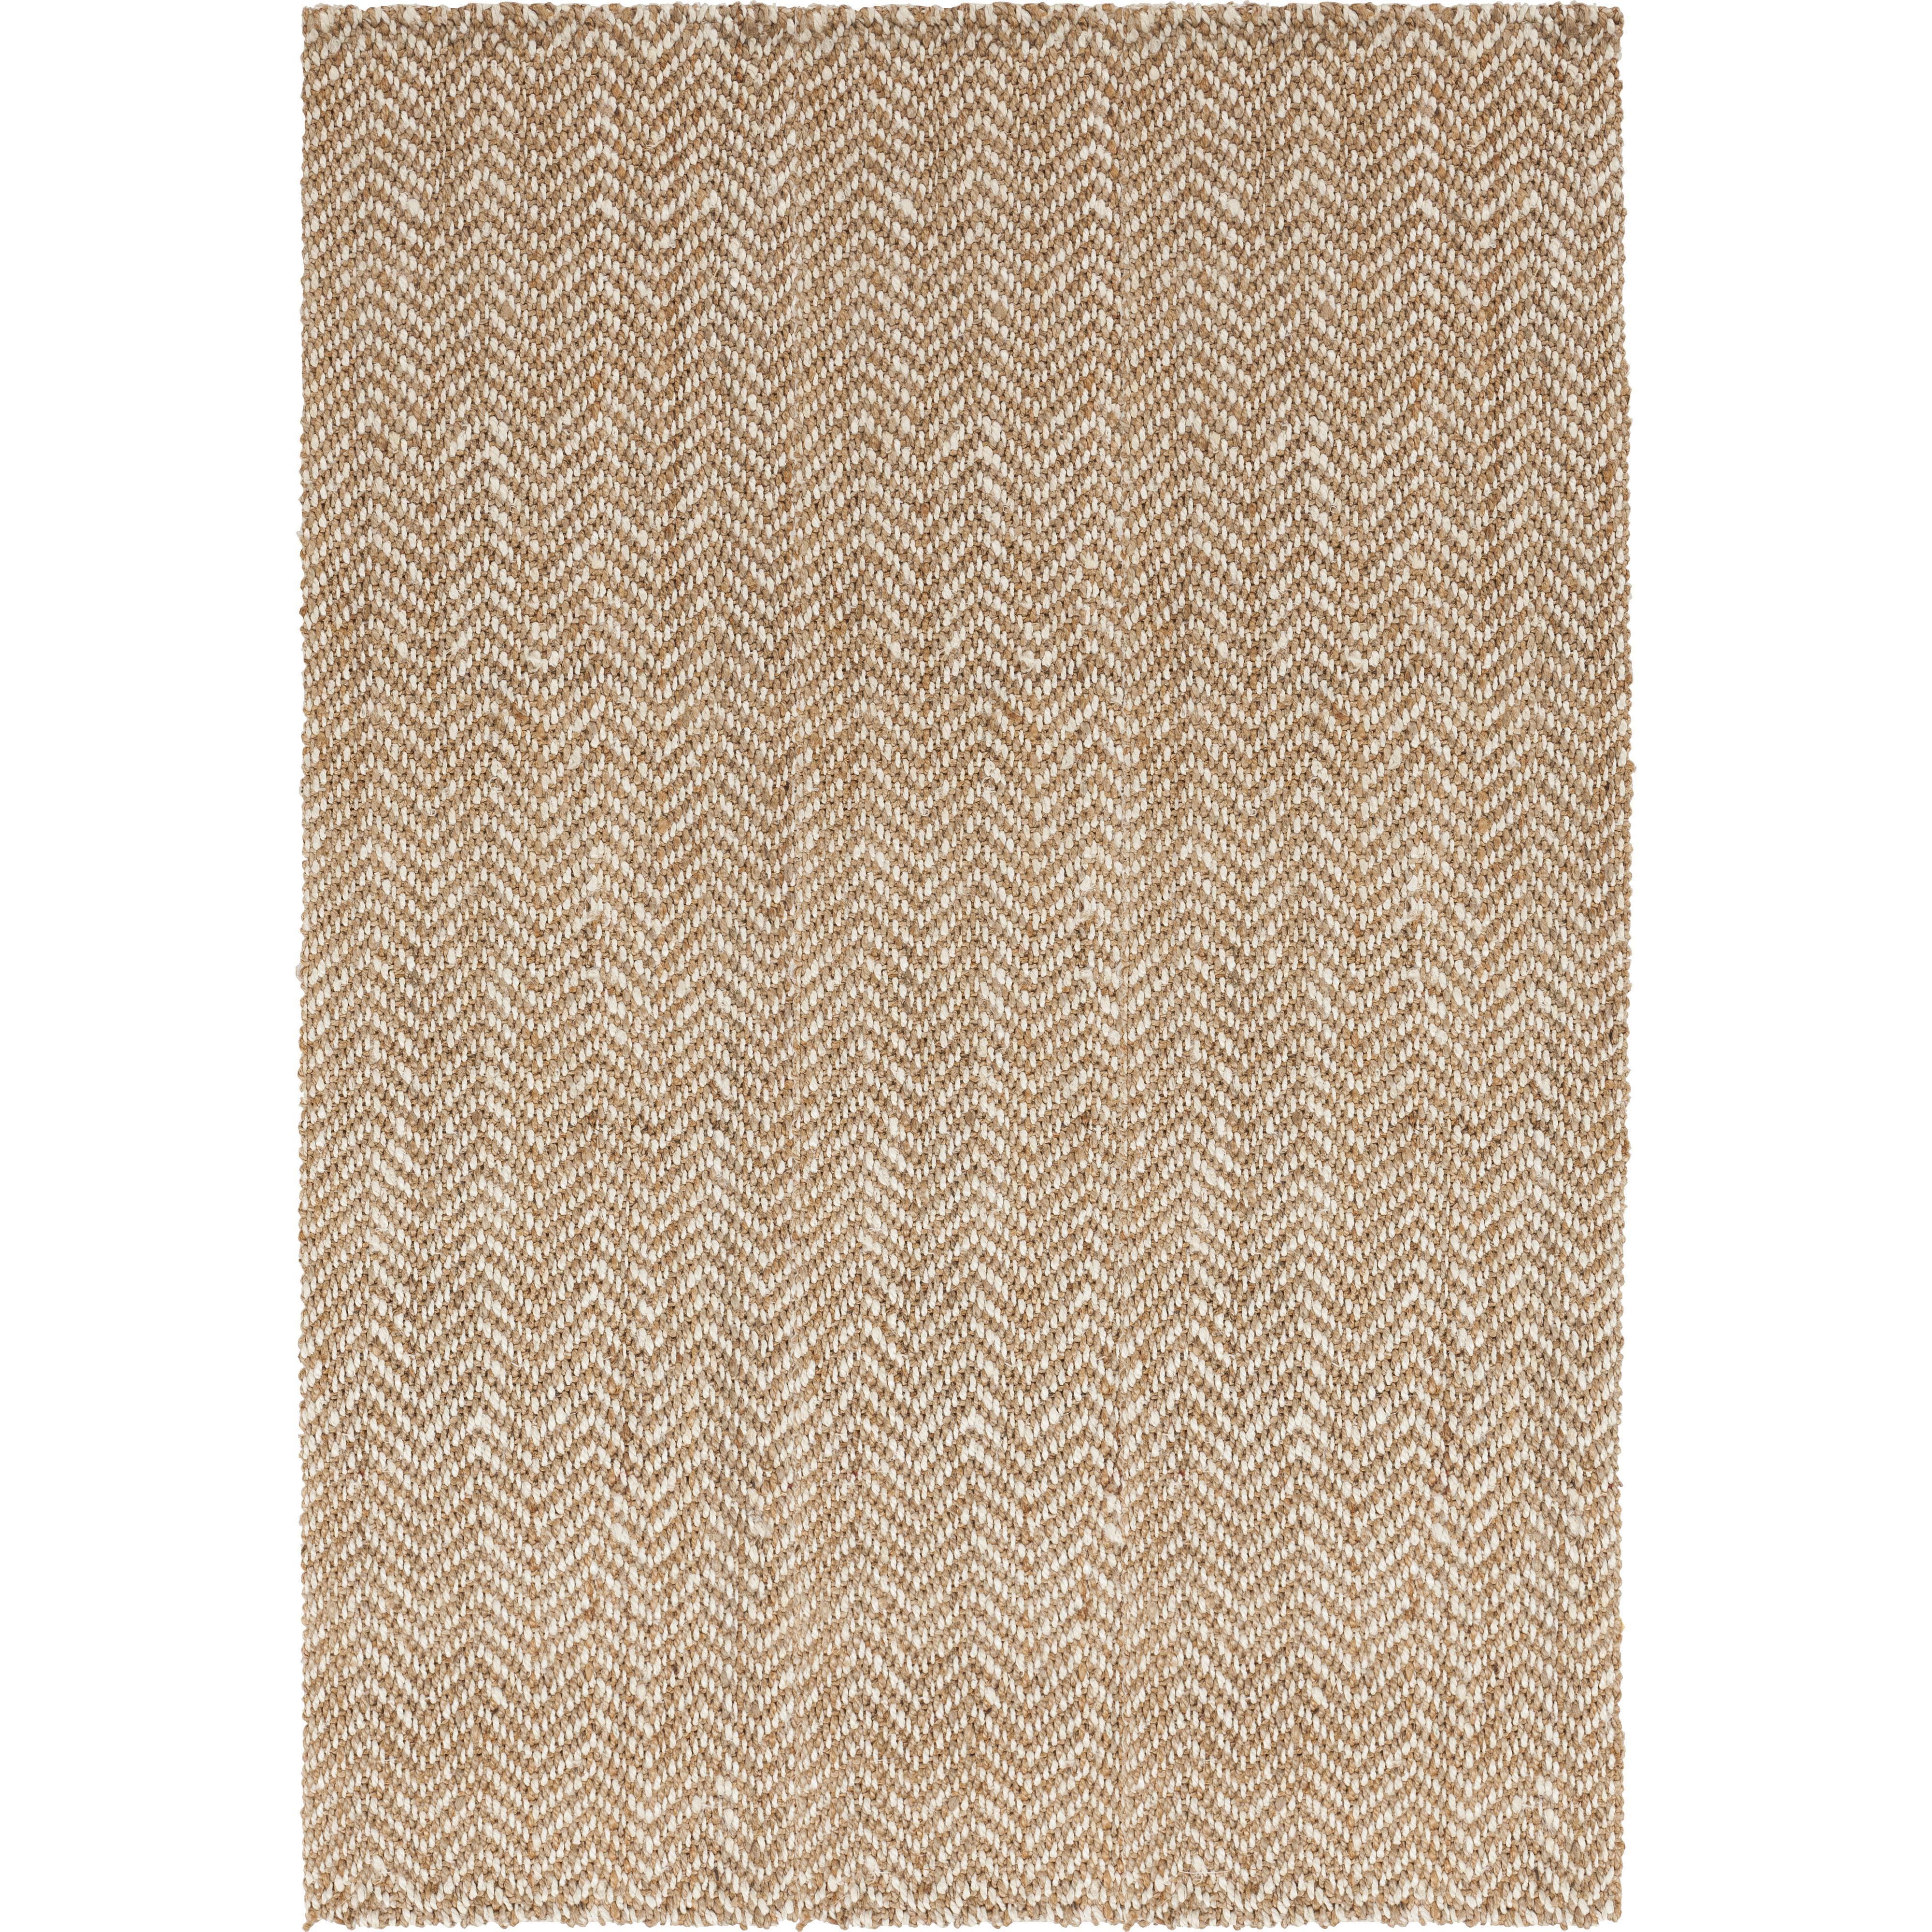 Surya Rugs Reeds 8' x 11' - Item Number: REED804-811